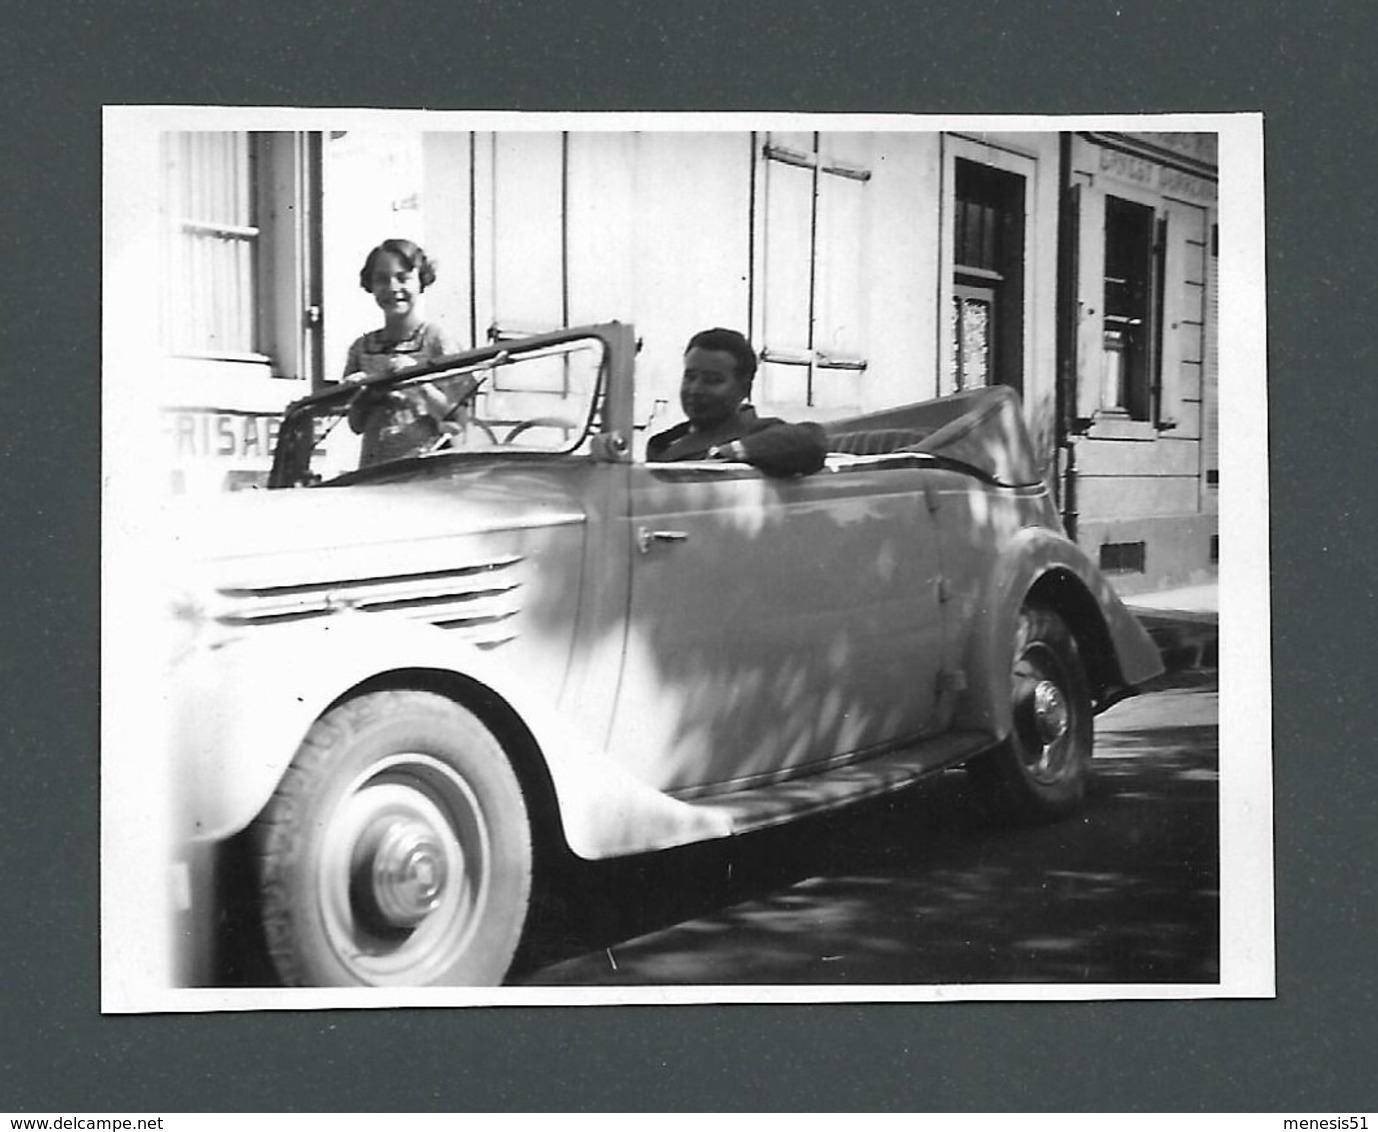 VOITURE Automobile Car Cabriolet Décapotable Avec Deux Jeunes Adolescents Teenager à Son Bord Photo Ancienne Old Real - Automobile